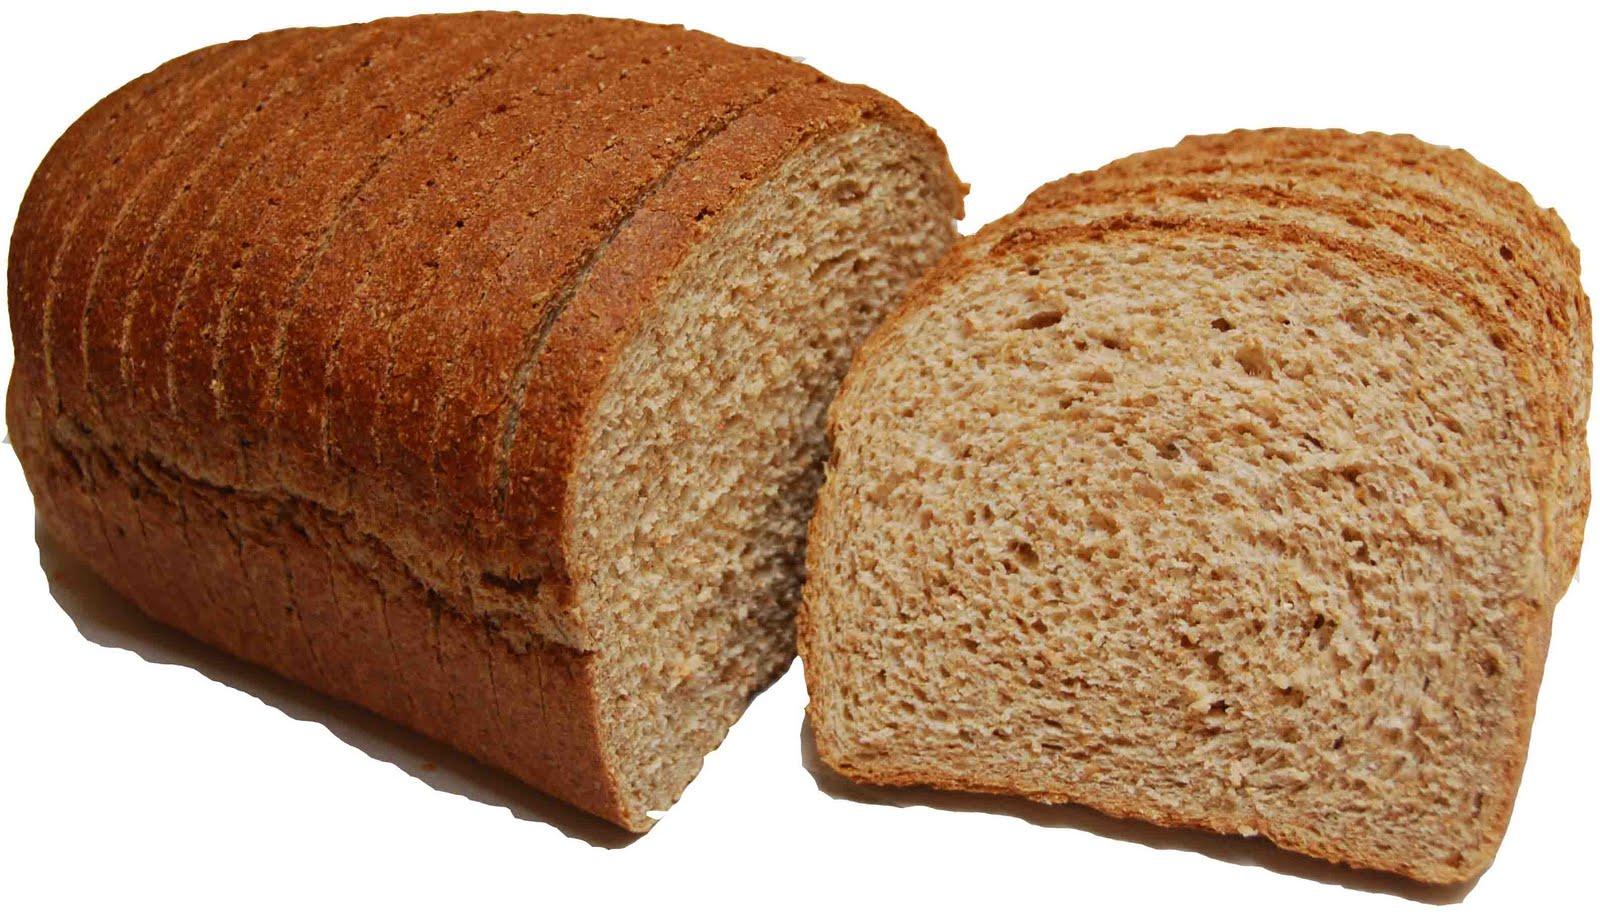 Zijn brood- en gluten slecht voor je?